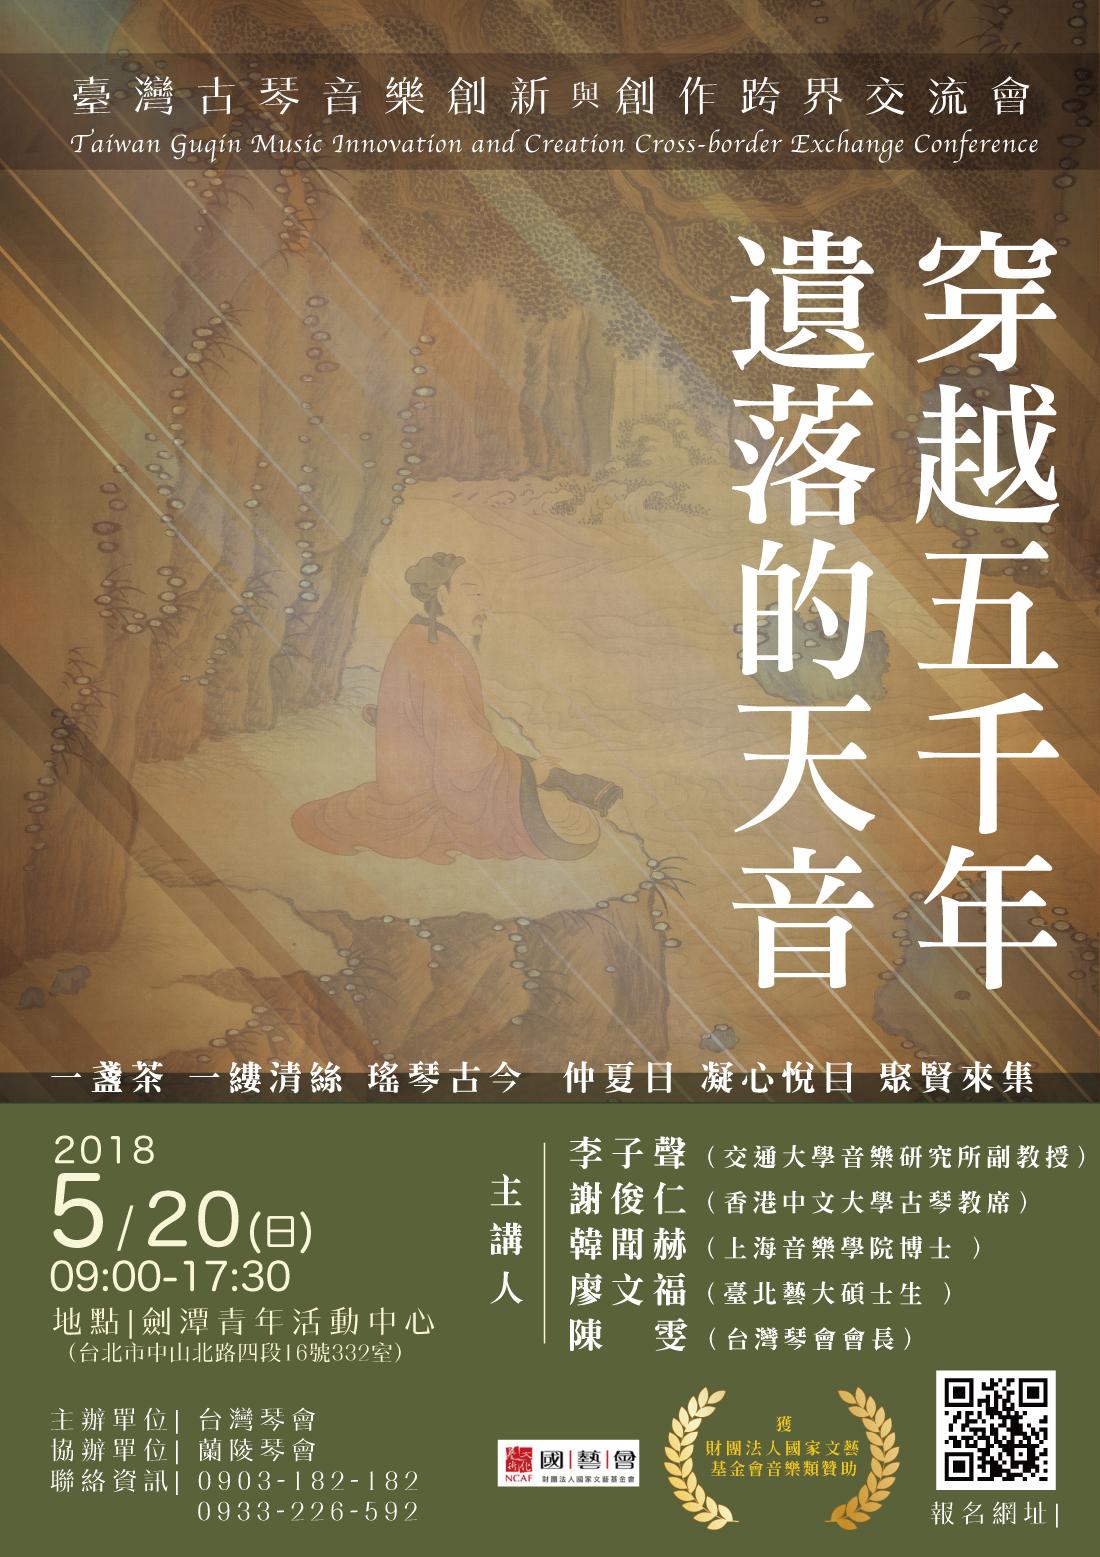 「穿越五千年.遺落的天音」臺灣古琴音樂創新與創作跨界交流會